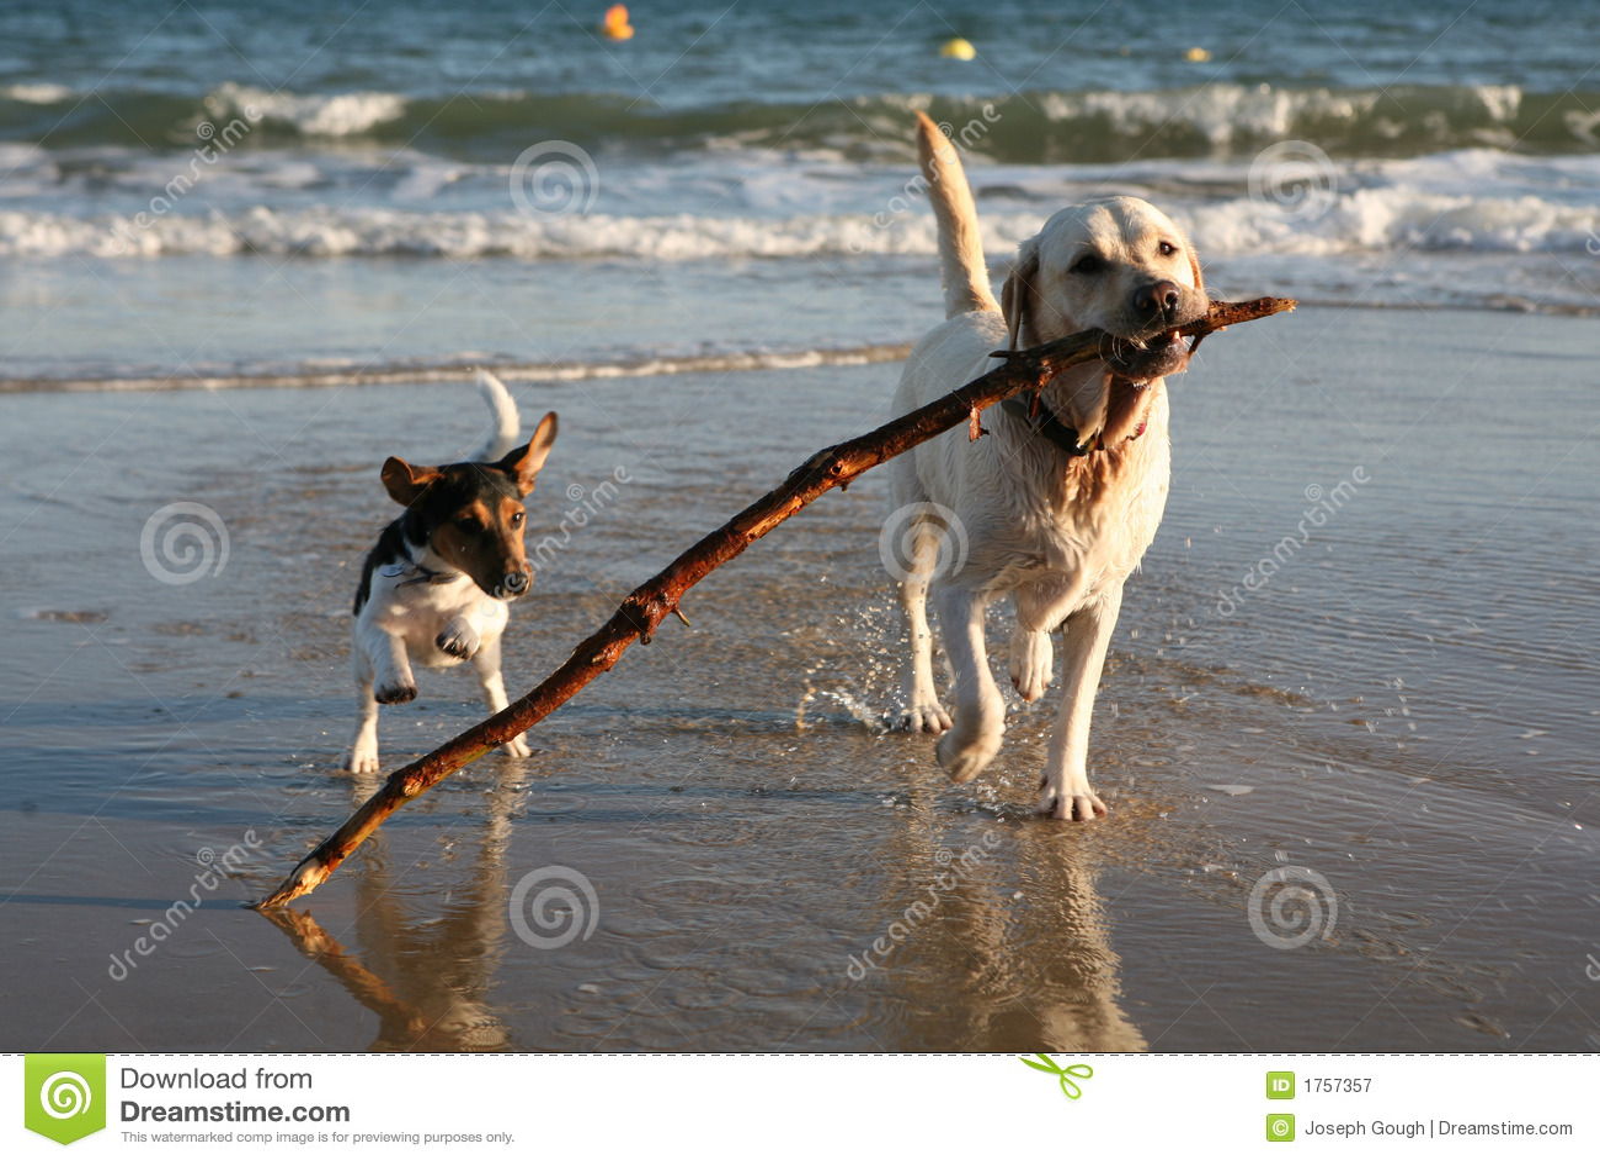 εύθυμο ραβδί σκυλιών παραλιών